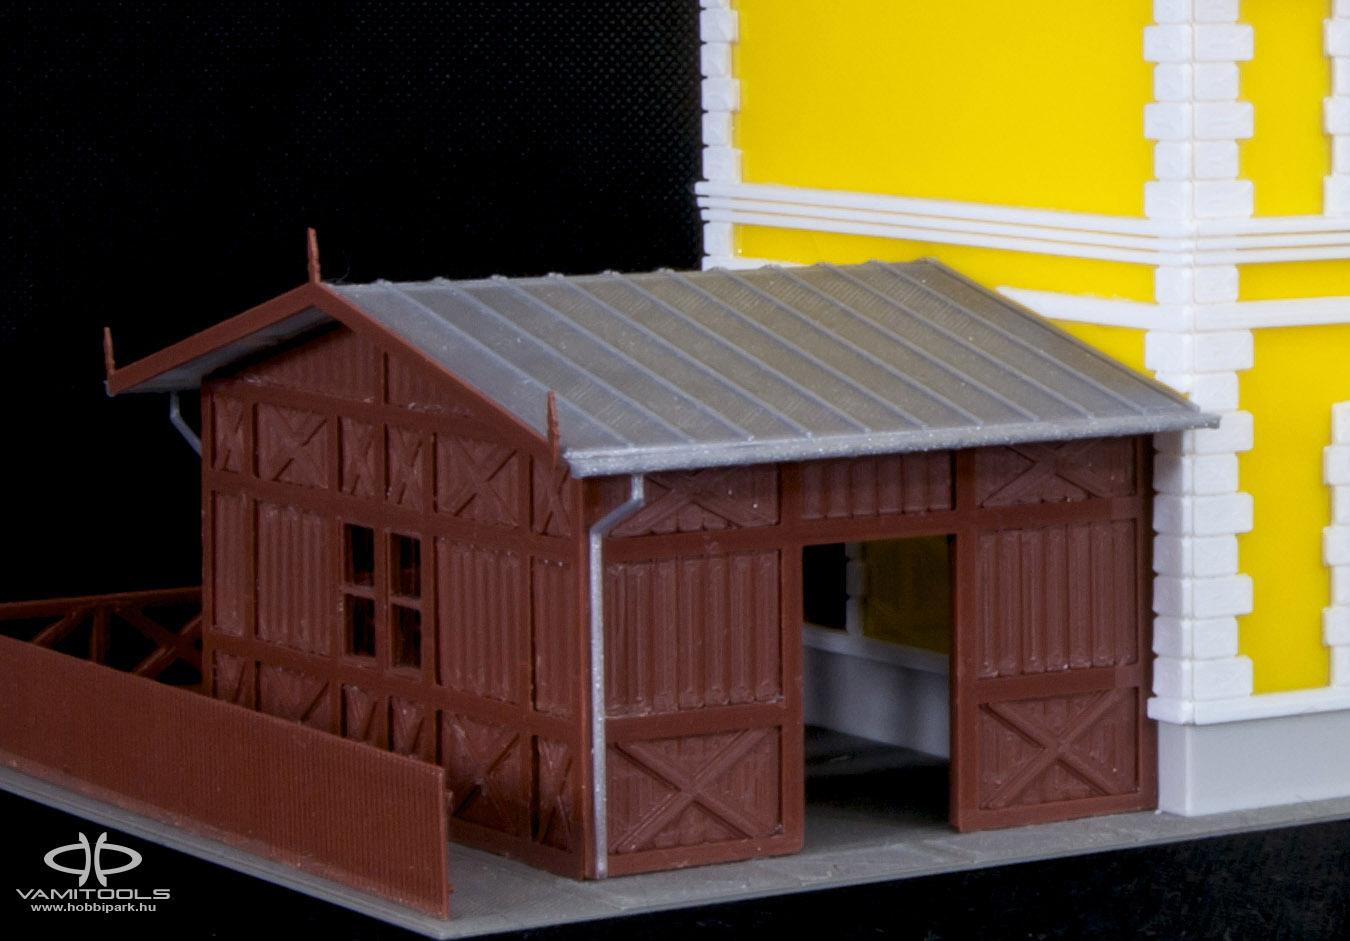 faváró, fa beálló, várócsarnok, fa vaárócsarnok, beálló, állomás, állomásépület, MÁV állomás, MÁV állomásépület, HÉV állomás, HÉV állomásépület, HÉV típusépület, MÁV típusépület, vasúti épület, vasúti állomásépület, I. oszt MÁV állomás, I. oszt. MÁV állomásépület, I. osztályú MÁV állomás, I. osztályú MÁV állomásépület, II. oszt MÁV állomás, II. oszt. MÁV állomásépület, II. osztályú MÁV állomás, II. osztályú MÁV állomásépület, III. oszt MÁV állomás, III. oszt. MÁV állomásépület, III. osztályú MÁV állomás, III. osztályú MÁV állomásépület, IV. oszt MÁV állomás, IV. oszt. MÁV állomásépület, IV. osztályú MÁV állomás, IV osztályú MÁV állomásépület, I. oszt HÉV állomás, I. oszt. HÉV állomásépület, I. osztályú HÉV állomás, I. osztályú HÉV állomásépület, II. oszt HÉV állomás, II. oszt. HÉV állomásépület, II. osztályú HÉV állomás, II. osztályú HÉV állomásépület, III. oszt HÉV állomás, III. oszt. HÉV állomásépület, III. osztályú HÉV állomás, III. osztályú HÉV állomásépület, IV. oszt HÉV állomás, IV. oszt. HÉV állomásépület, IV. osztályú HÉV állomás, IV osztályú HÉV állomásépület, dioráma, terepasztal, H0 faváró, H0 fa beálló, H0 várócsarnok, H0 fa vaárócsarnok, H0 beálló, H0 állomás, H0 állomásépület, H0 MÁV állomás, H0 MÁV állomásépület, H0 HÉV állomás, H0 HÉV állomásépület, H0 HÉV típusépület, H0 MÁV típusépület, H0 vasúti épület, H0 vasúti állomásépület, H0 I. oszt MÁV állomás, H0 I. oszt. MÁV állomásépület, H0 I. osztályú MÁV állomás, H0 I. osztályú MÁV állomásépület, H0 II. oszt MÁV állomás, H0 II. oszt. MÁV állomásépület, H0 II. osztályú MÁV állomás, H0 II. osztályú MÁV állomásépület, H0 III. oszt MÁV állomás, H0 III. oszt. MÁV állomásépület, H0 III. osztályú MÁV állomás, H0 III. osztályú MÁV állomásépület, H0 IV. oszt MÁV állomás, H0 IV. oszt. MÁV állomásépület, H0 IV. osztályú MÁV állomás, H0 IV osztályú MÁV állomásépület, H0 I. oszt HÉV állomás, H0 I. oszt. HÉV állomásépület, H0 I. osztályú HÉV állomás, H0 I. osztályú HÉV állomásépület, H0 II. oszt HÉV állomás, H0 II.